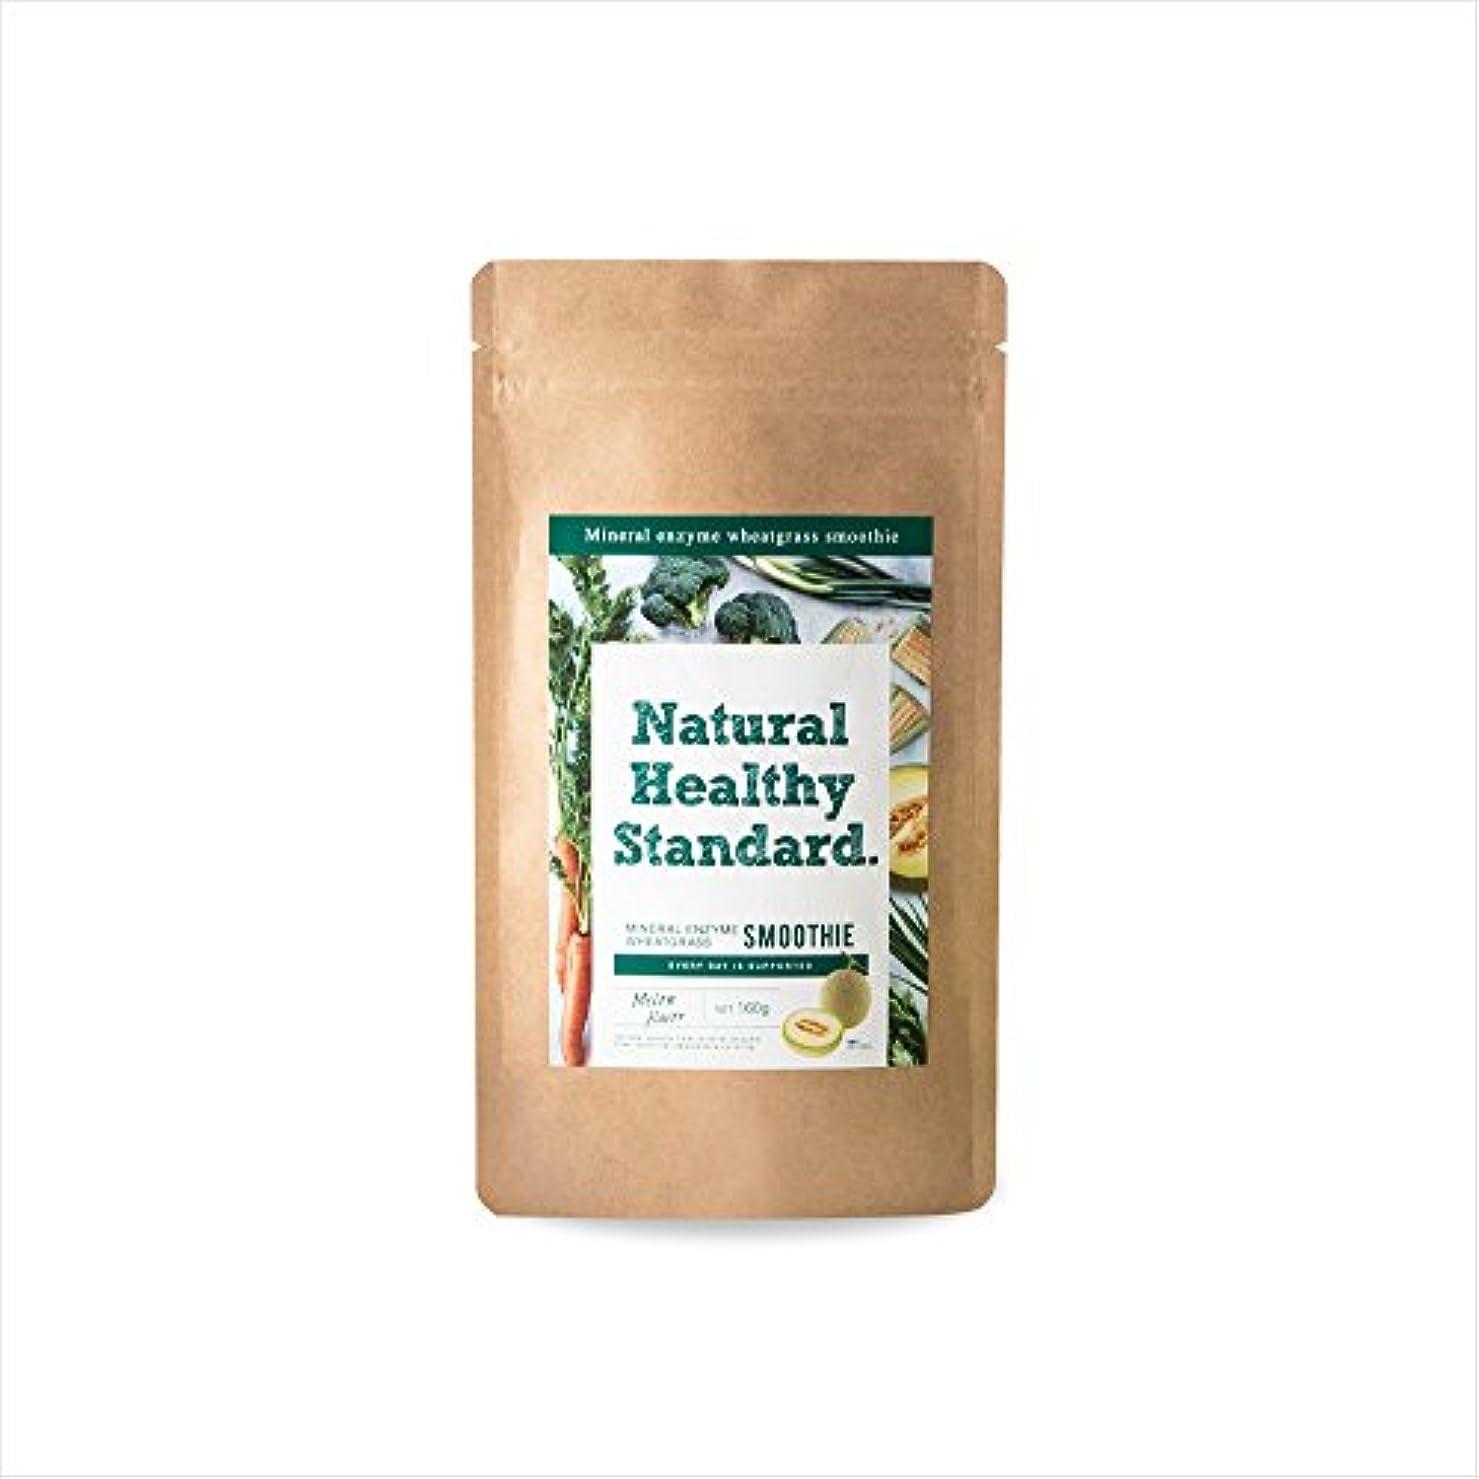 退化するシェーバー過度にNatural Healthy Standard. ナチュラルヘルシースタンダード ミネラル酵素ウィートグラススムージー メロン味 160g (2017年リニューアル品)